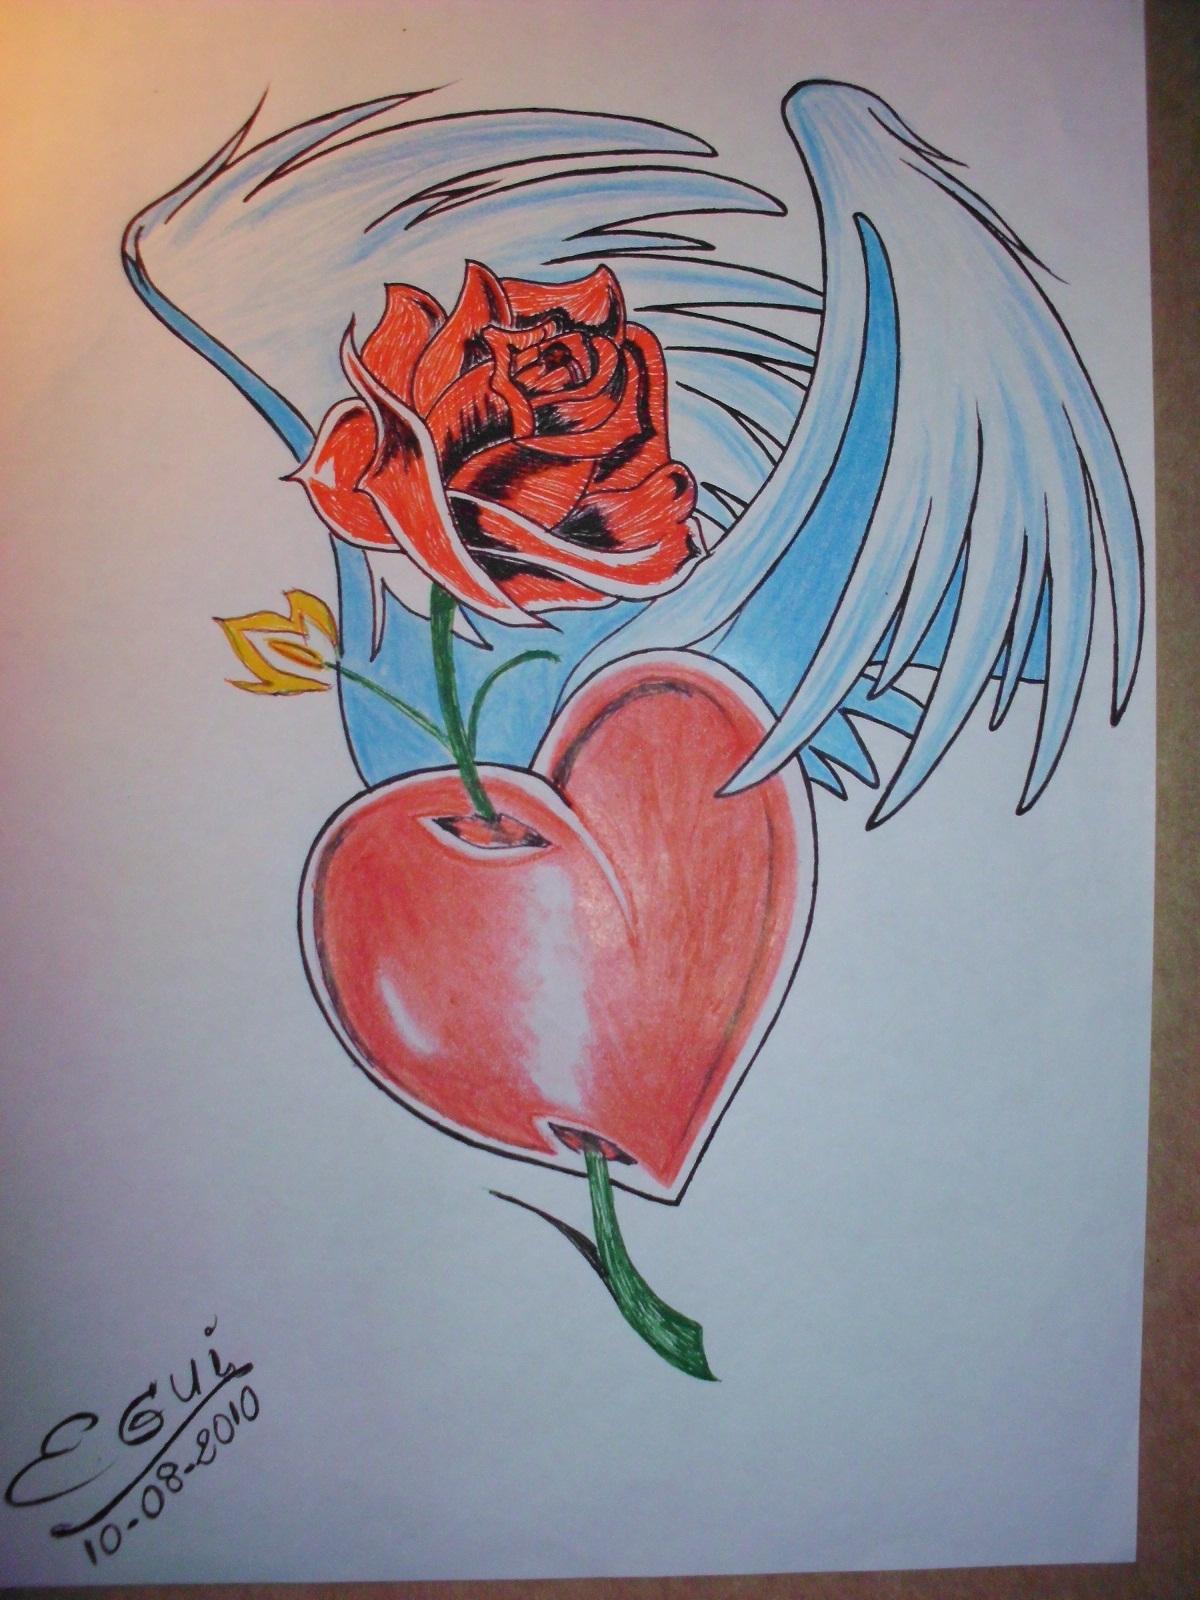 Imagenes De Rosas Para Dibujar - Como dibujar una rosa paso a paso 3 How to draw a rose